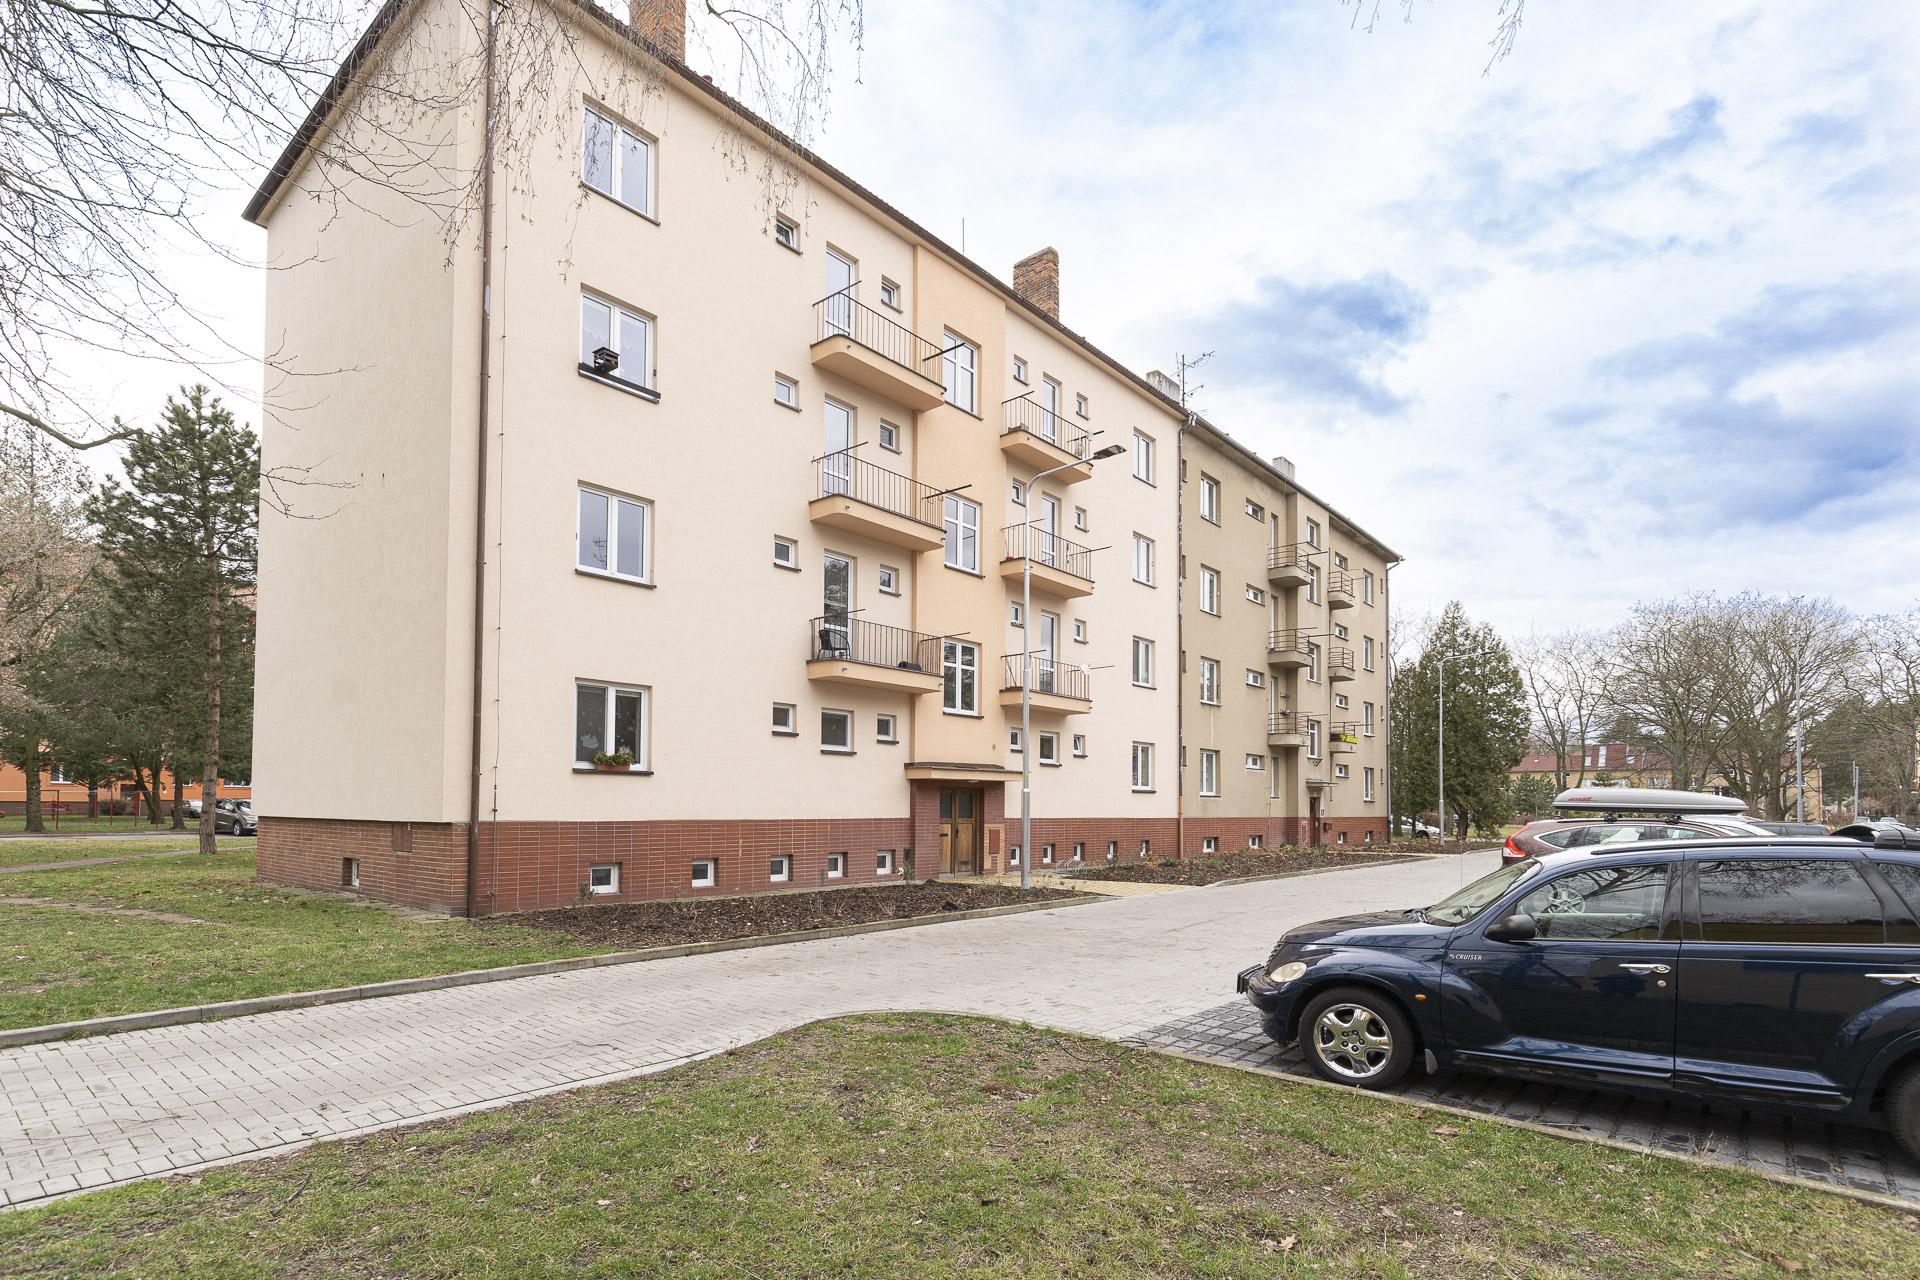 foto bytového domu Pardubice ulice Jiránkova